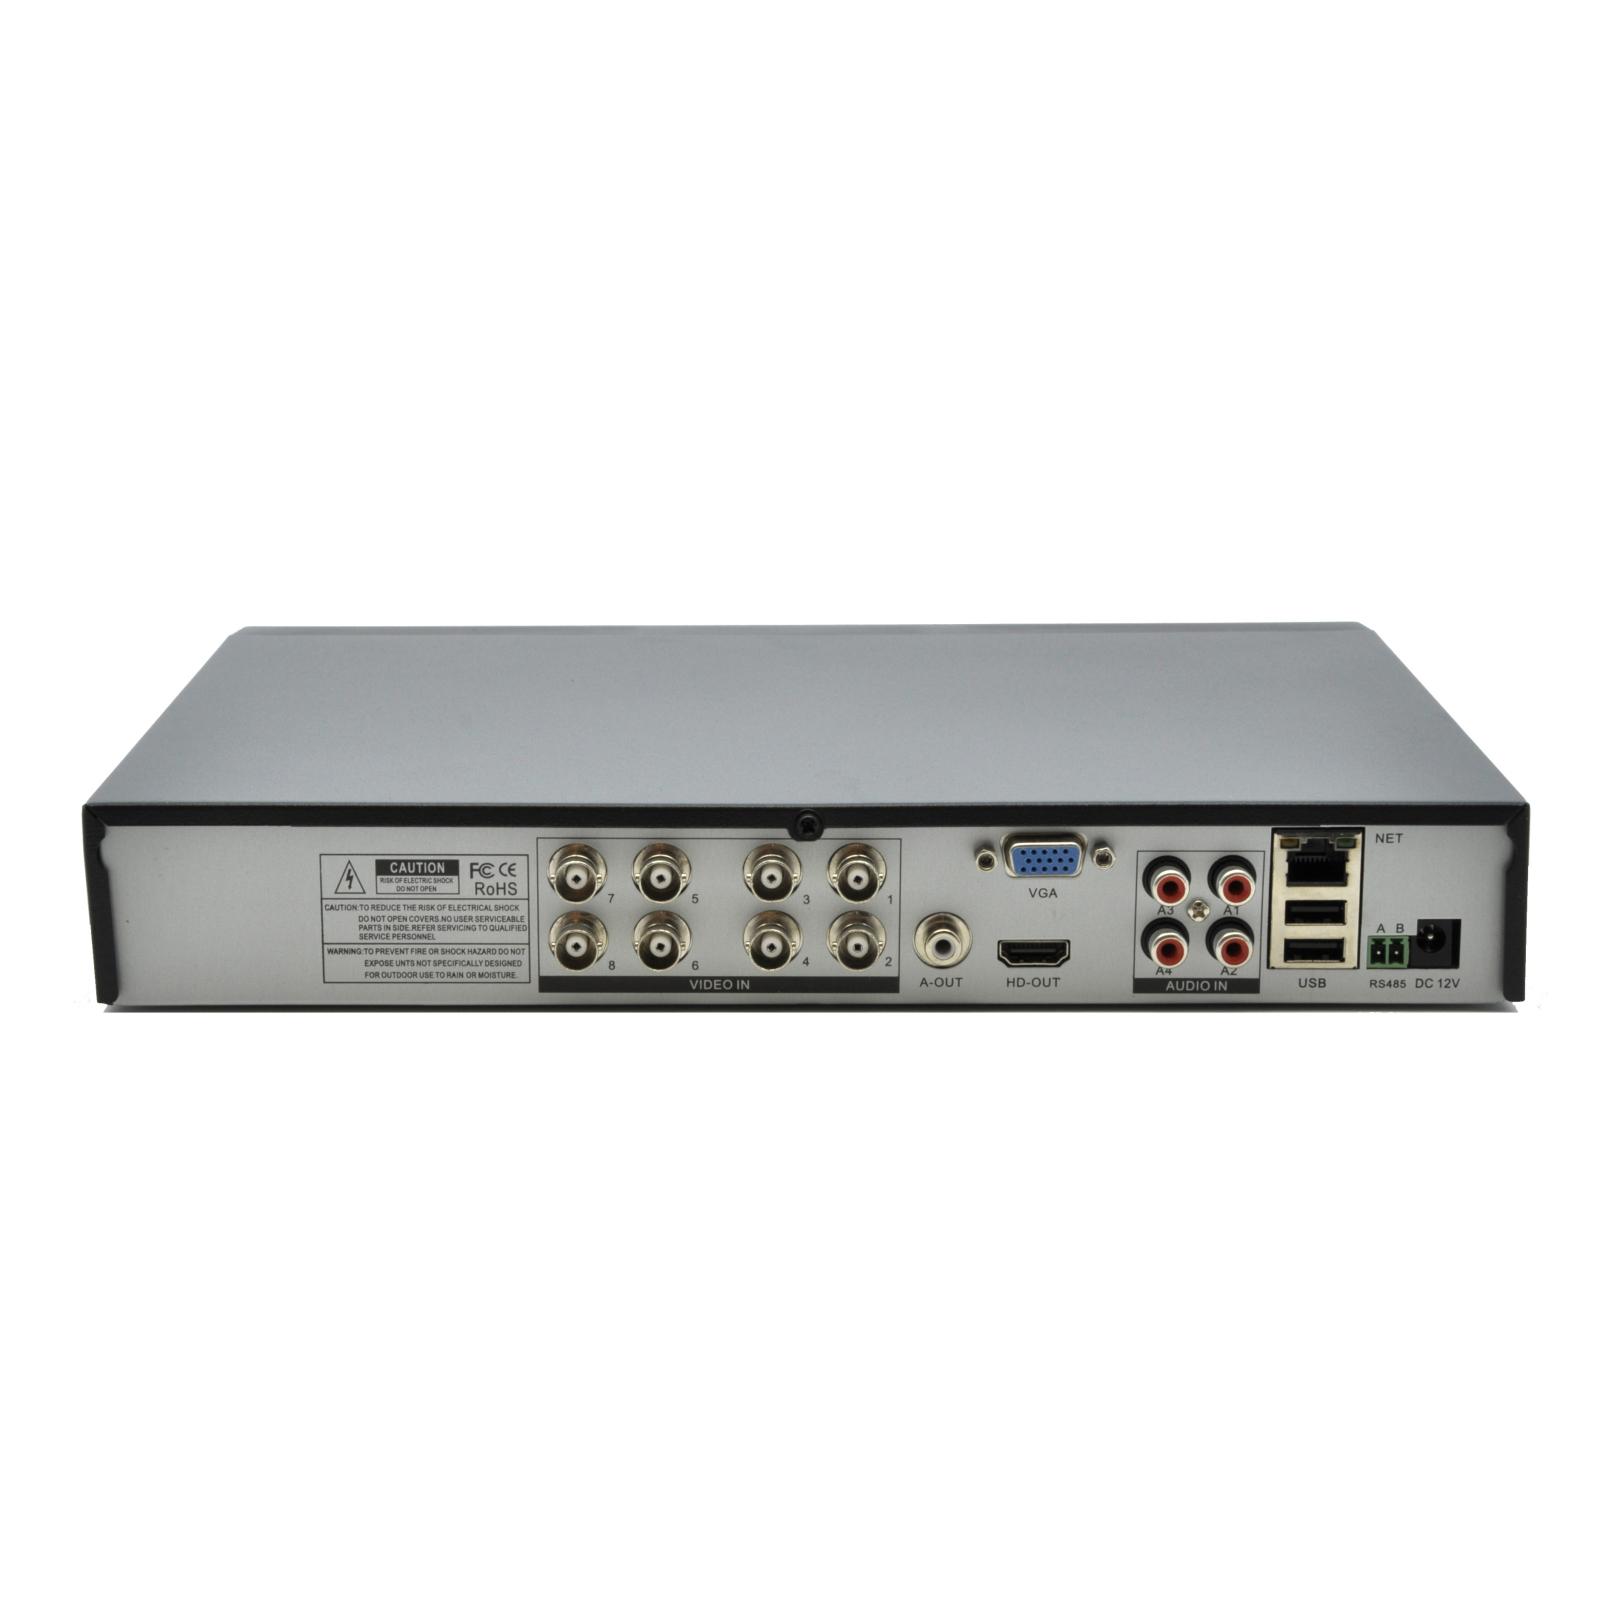 Регистратор для видеонаблюдения GreenVision AHD GV-A-S 031/08 (4236) изображение 4